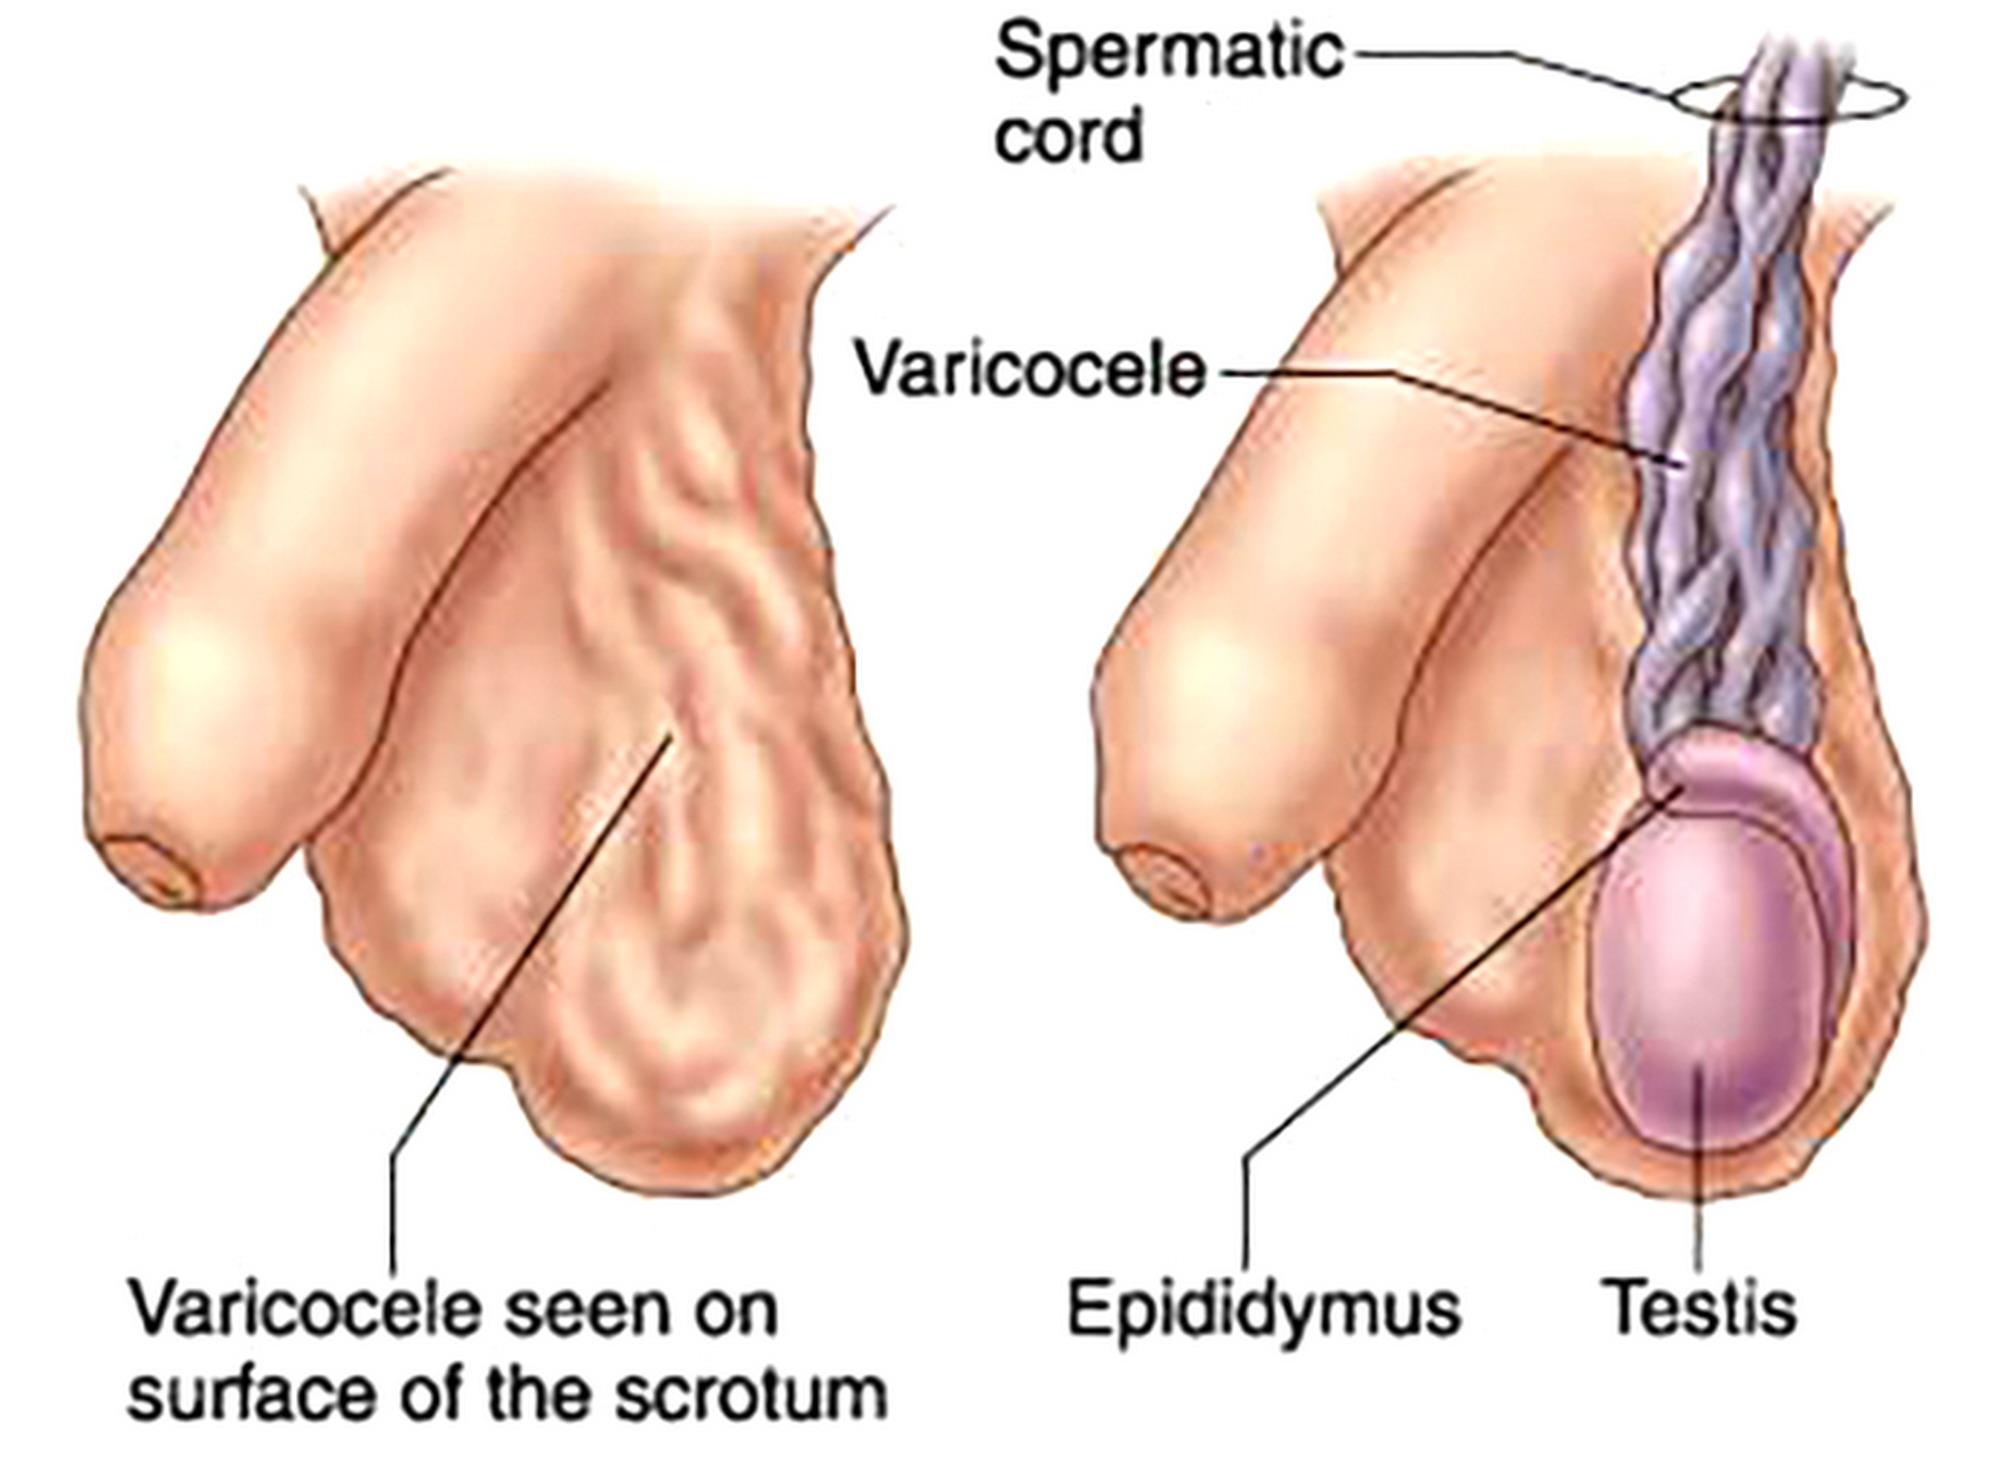 Dolore testicoli, problemi erezione